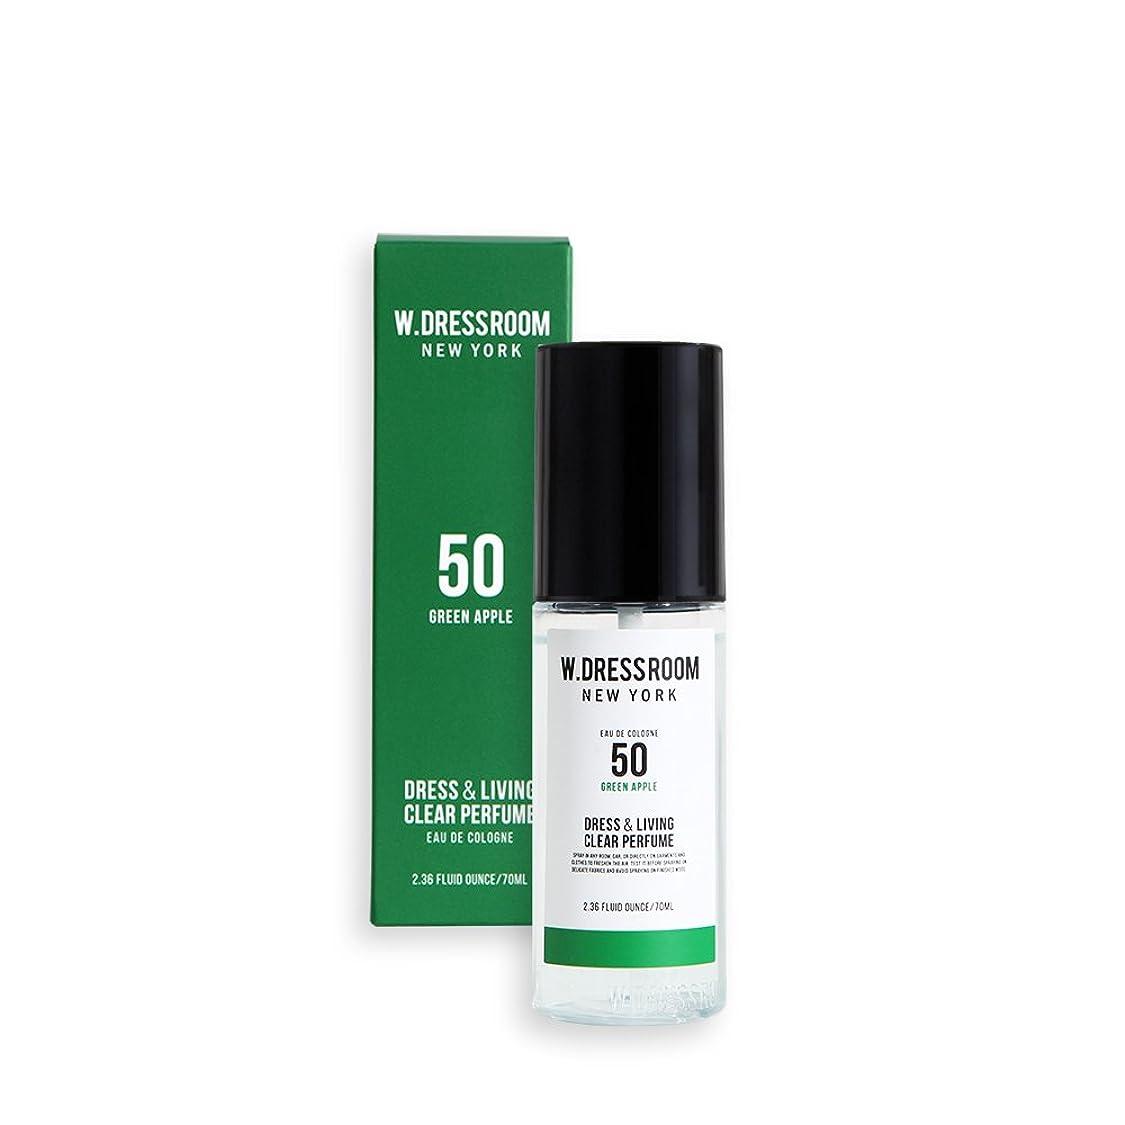 リブスケジュール神経衰弱W.DRESSROOM Dress & Living Clear Perfume 70ml/ダブルドレスルーム ドレス&リビング クリア パフューム 70ml (#No.50 Green Apple) [並行輸入品]